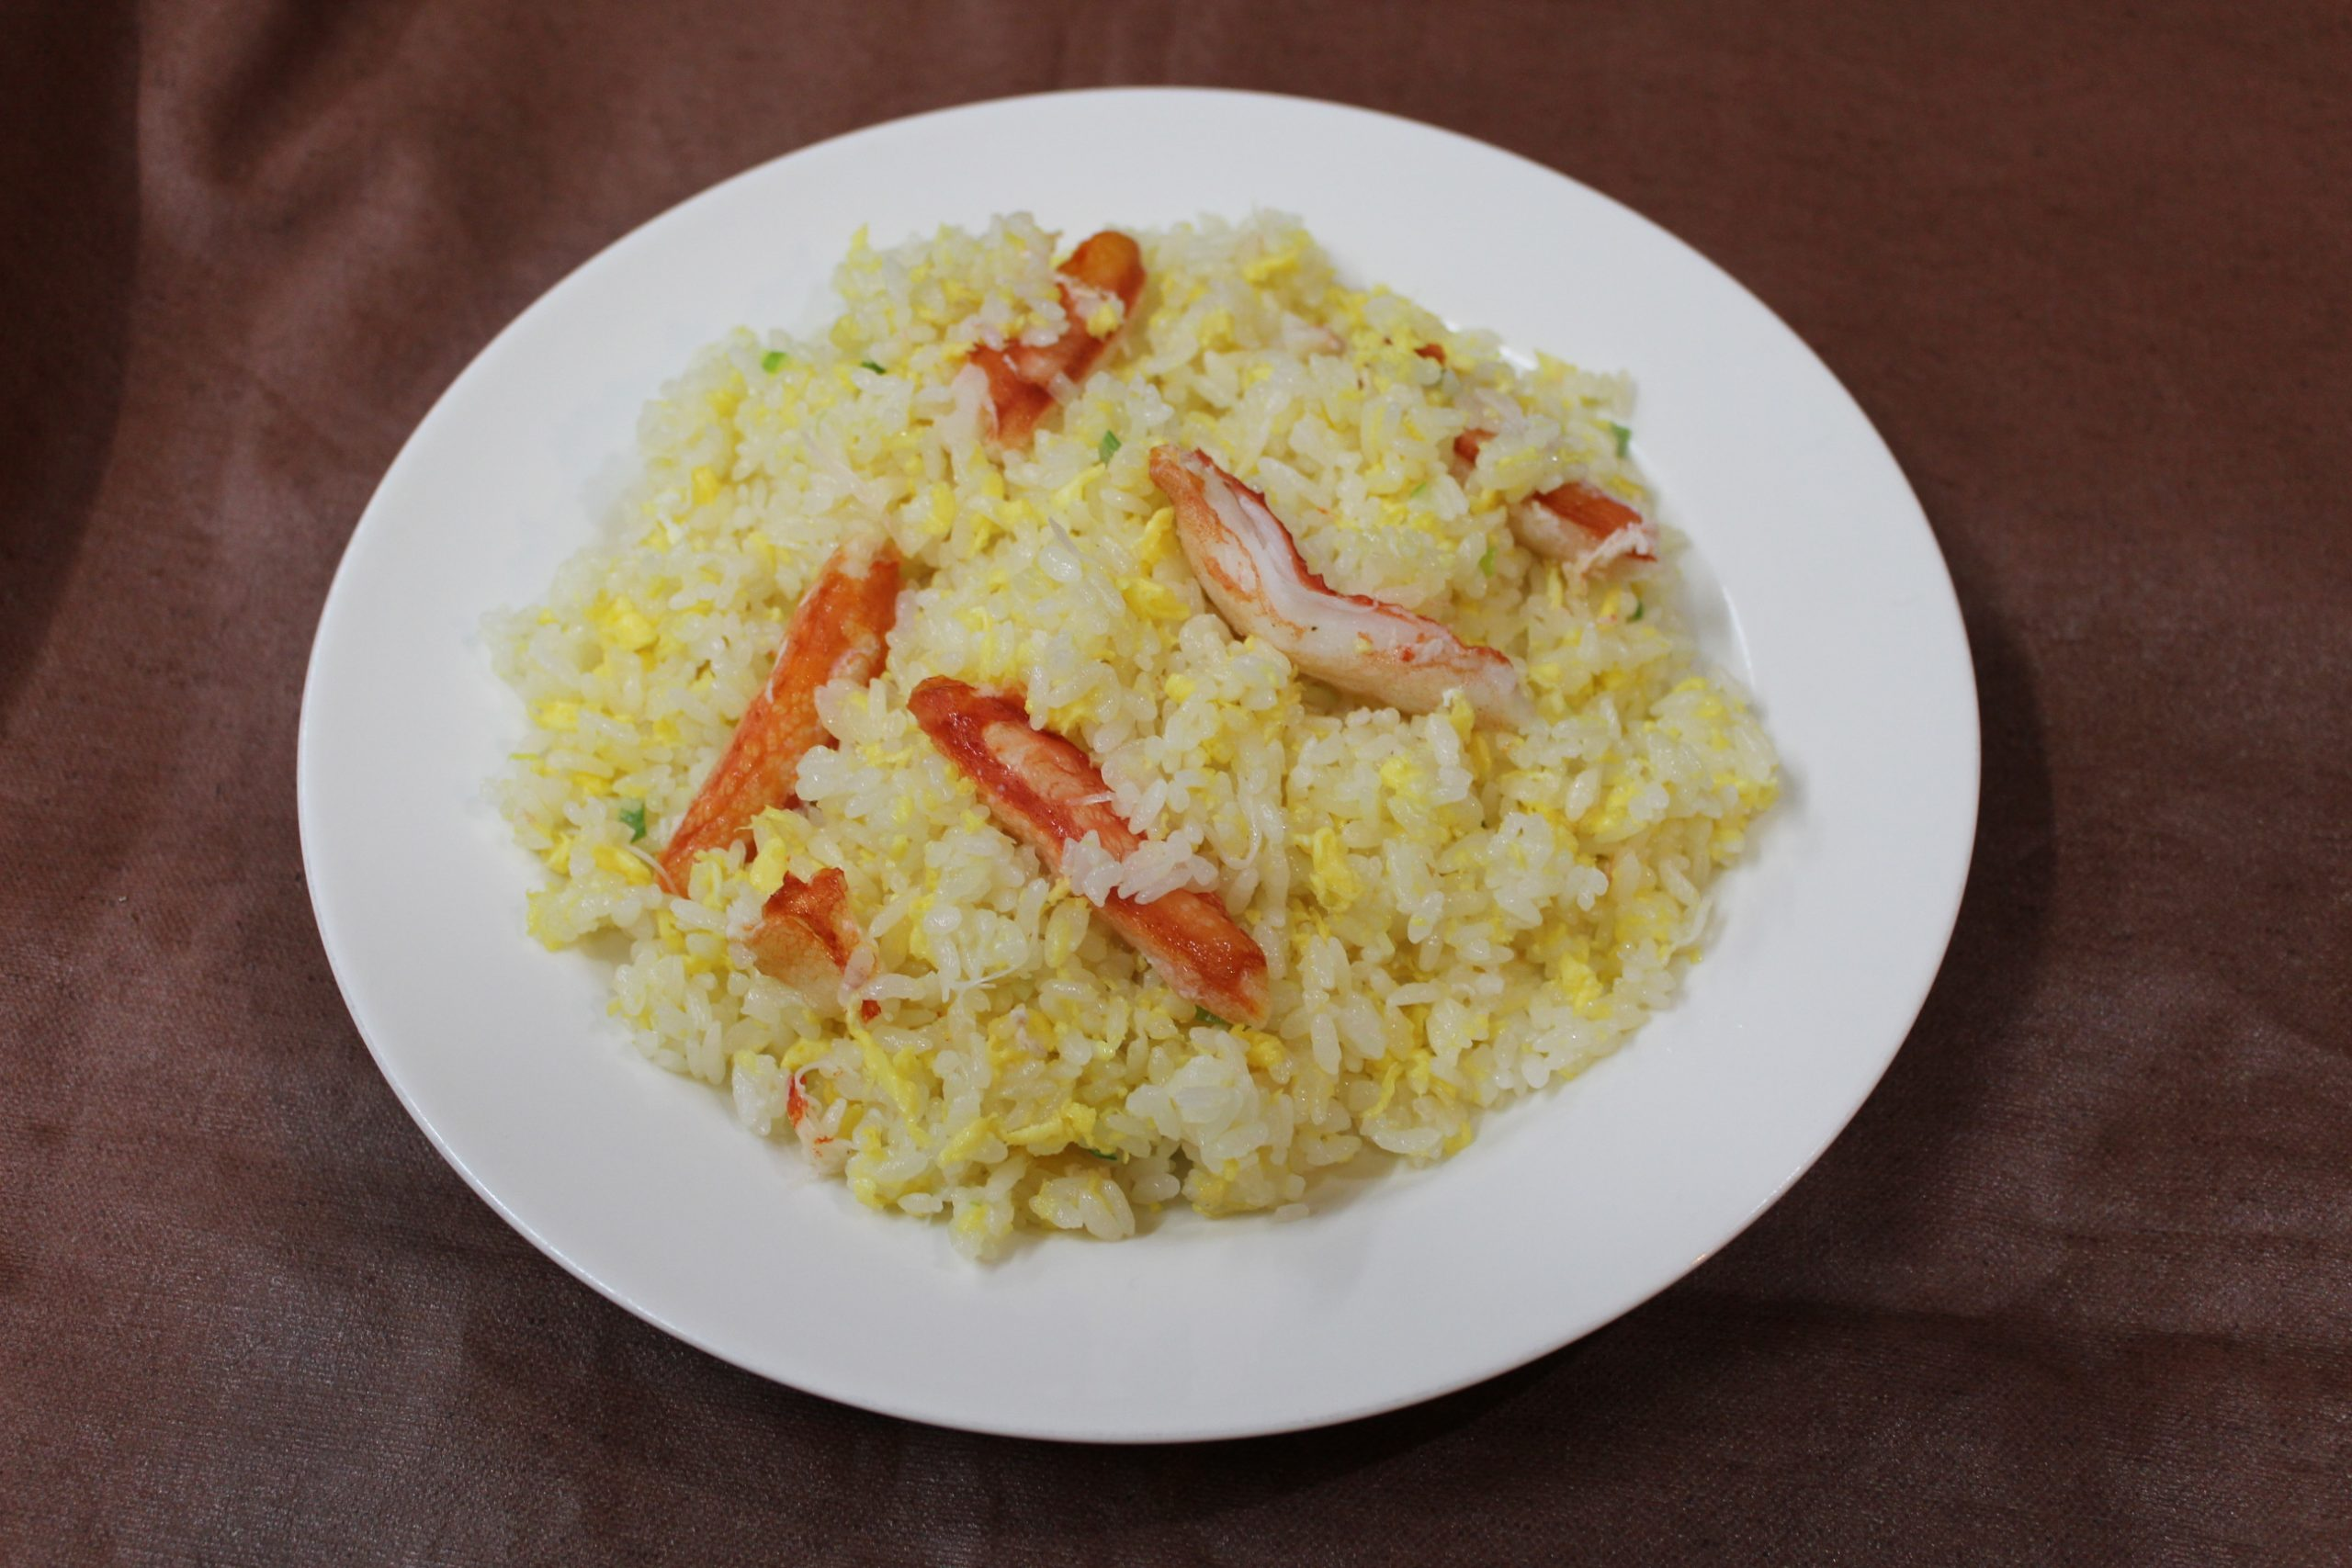 【蟹肉炒飯】カニチャーハン